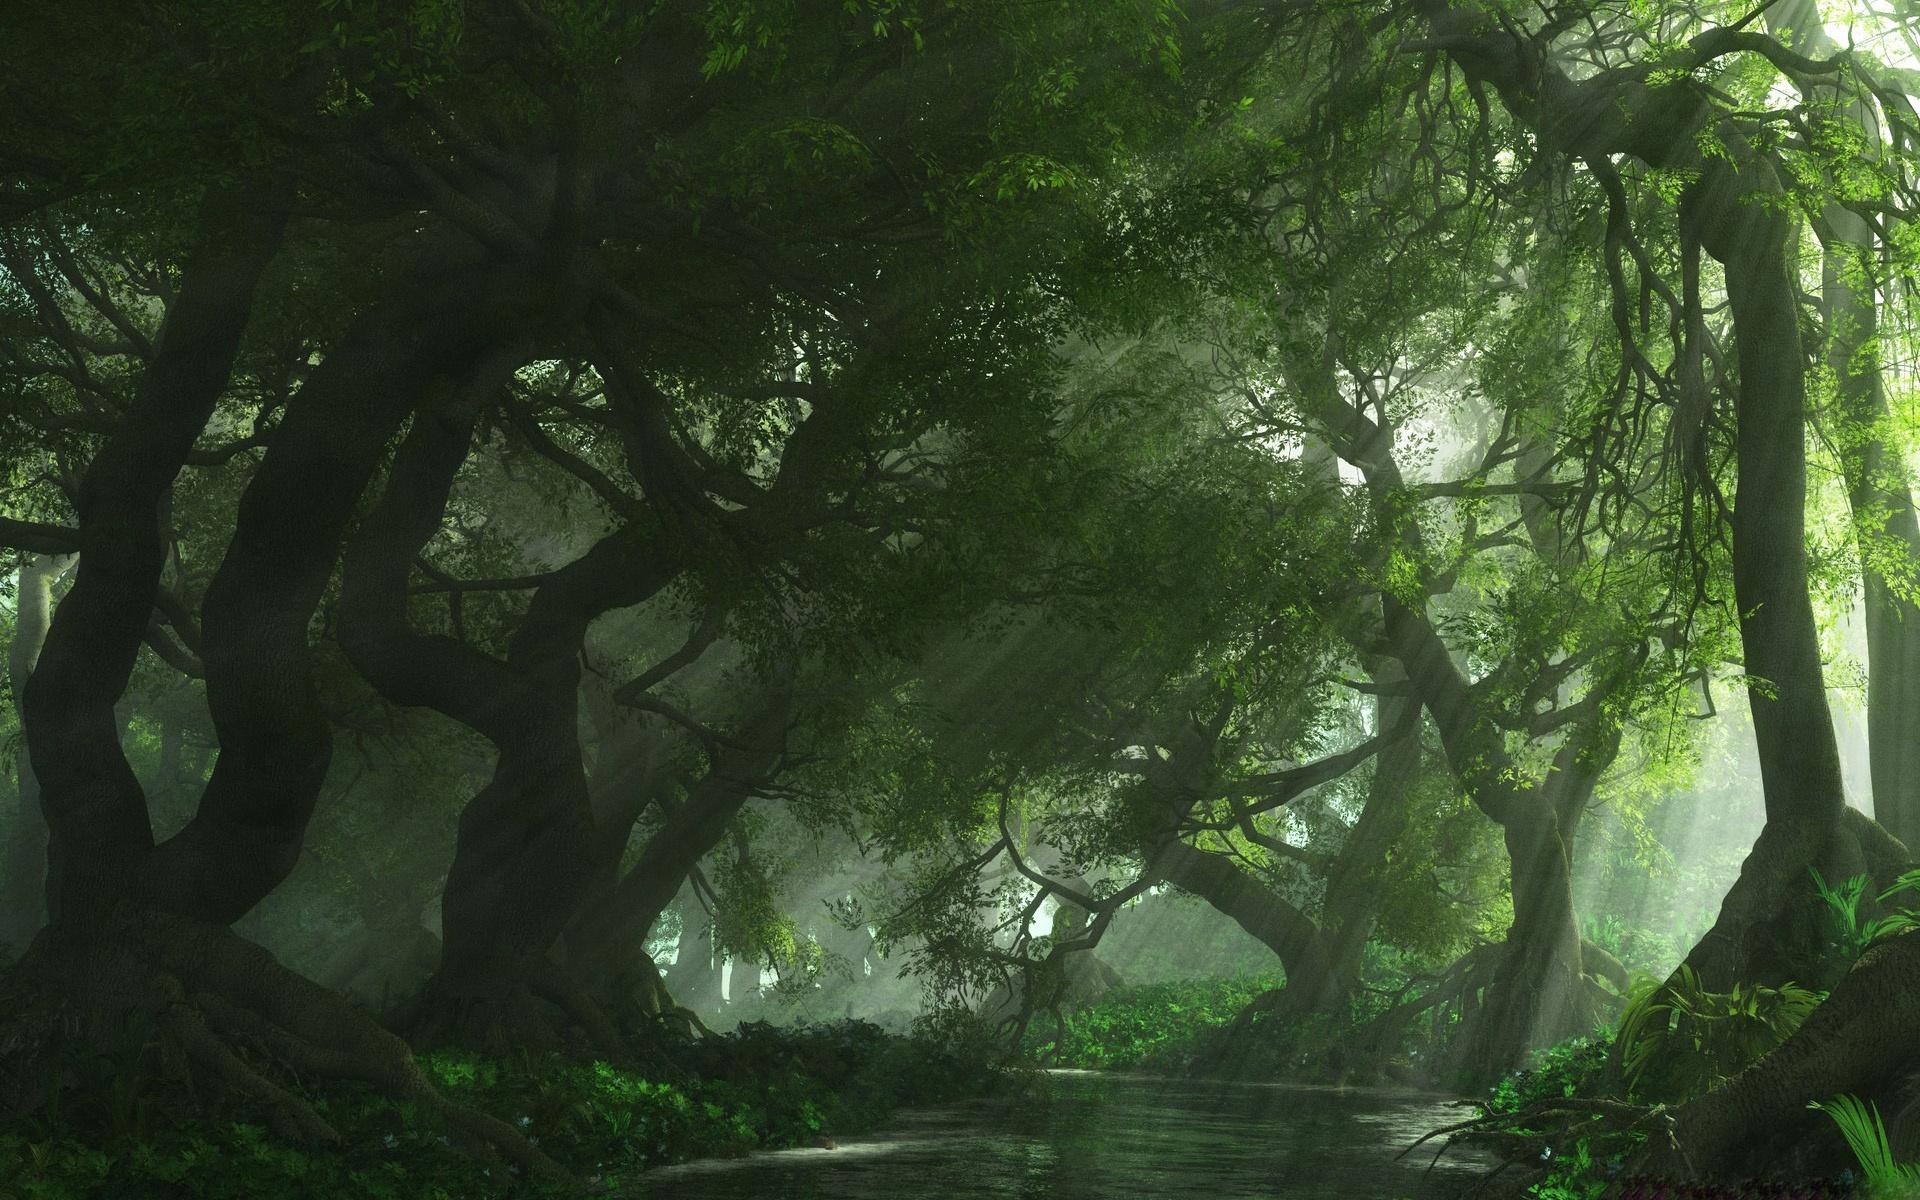 Green Forest wallpaper   806526 1920x1200